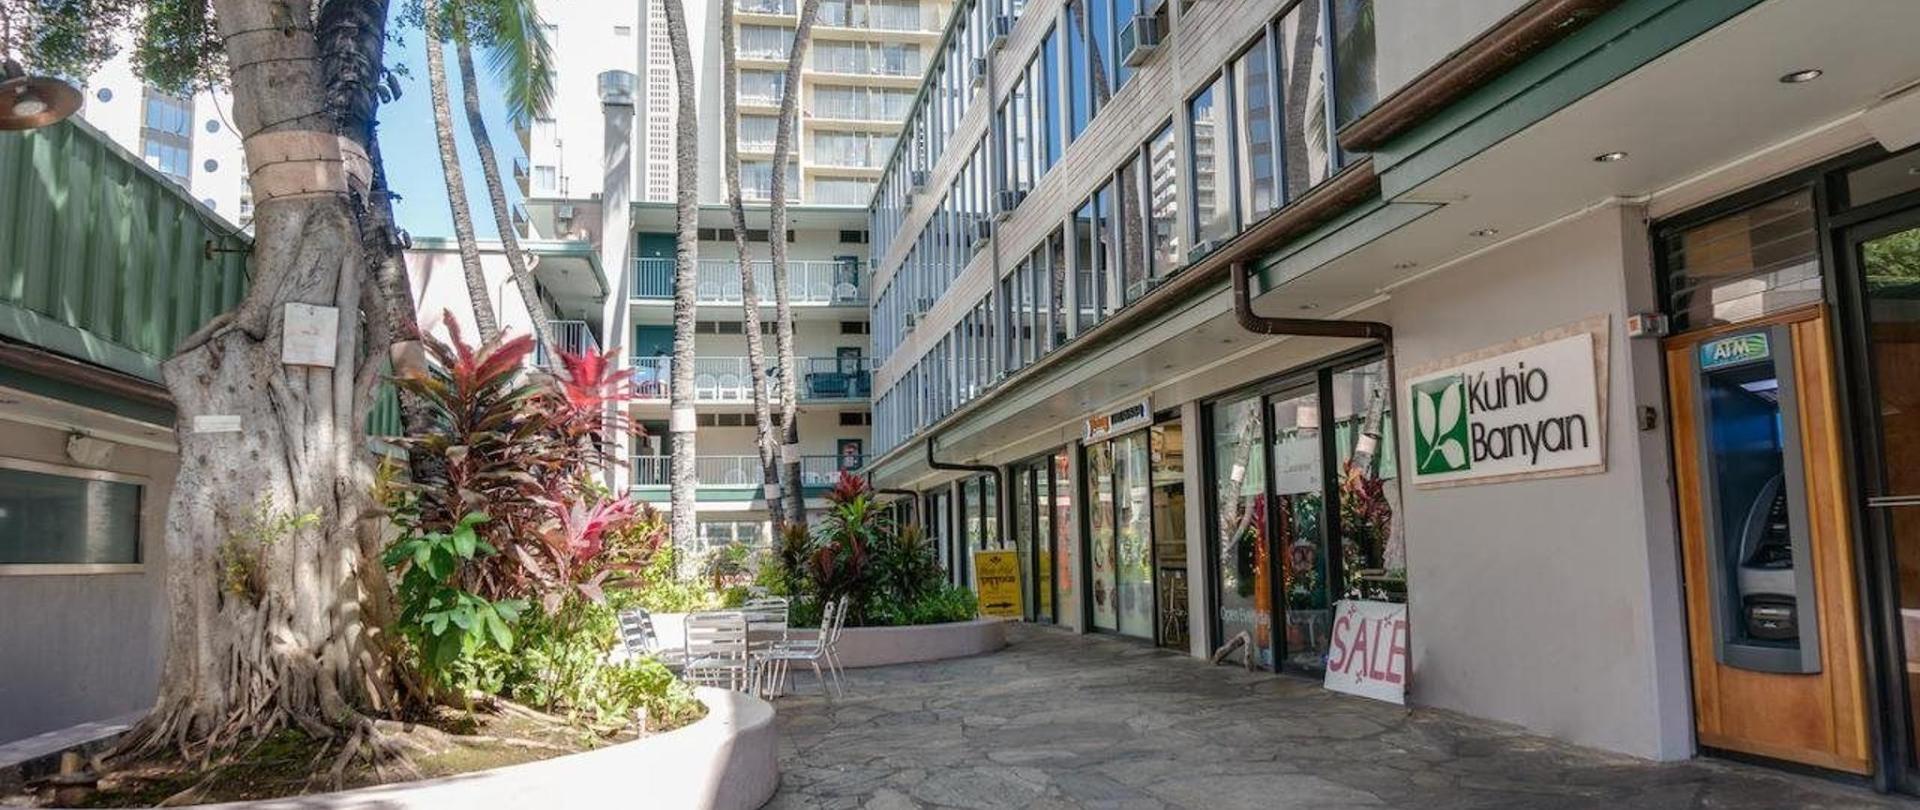 Kuhio Banyan Club | Honolulu | HI – Kuhio Banyan Hotel (with ...